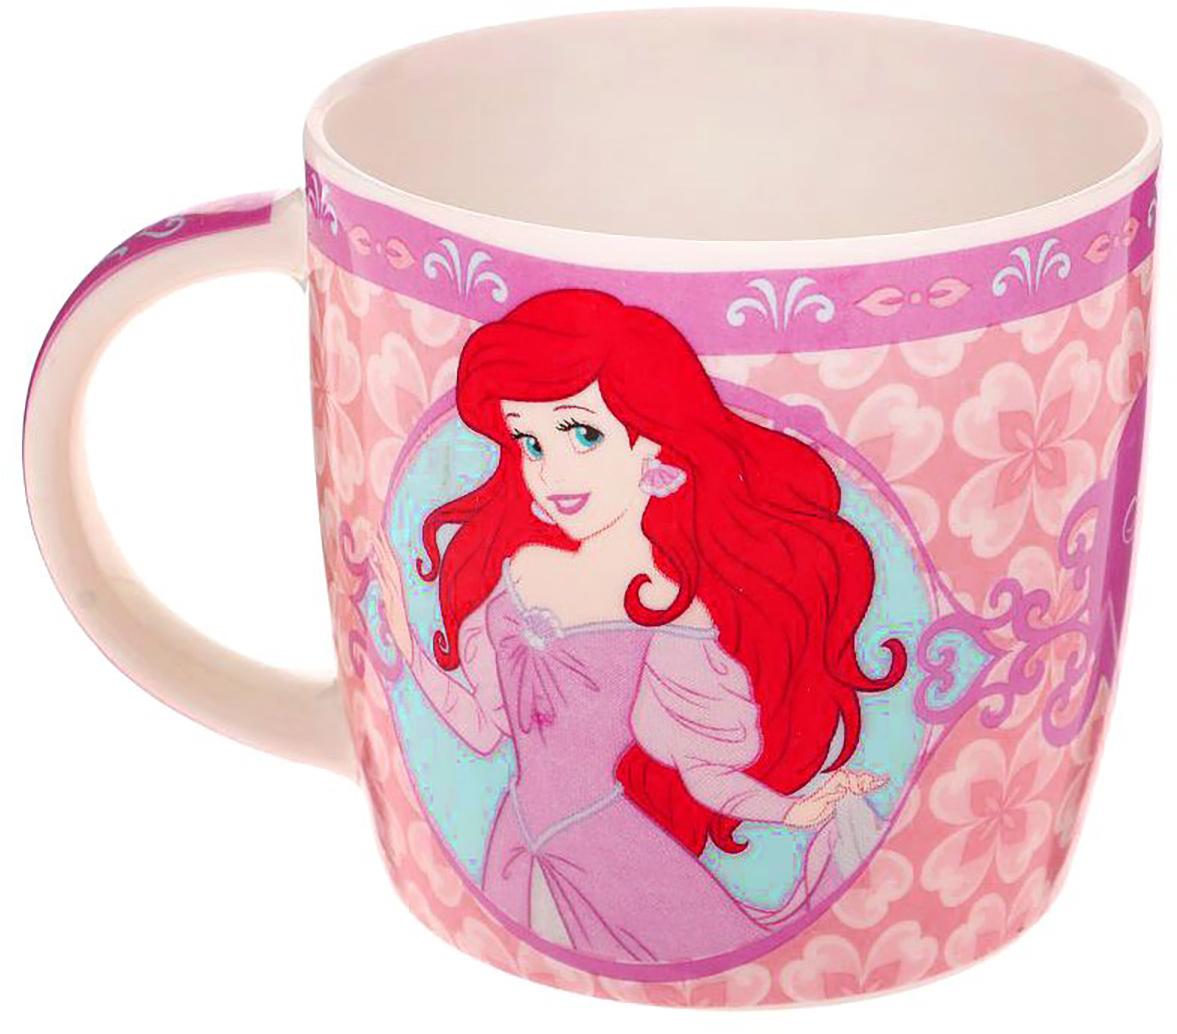 Кружка Disney Ты самая чудесная. Принцессы, 250 мл1231096Кружка с любимыми героями обязательно порадует малыша! Она яркая и волшебная, почти как лампа Алладина. Красочное изображение и дорогие сердцу персонажи будут радовать ребенка каждый день! С такой кружкой любой напиток станет в два раза вкуснее и желаннее. Благодаря яркой дизайнерской упаковке кружку можно подарить на любое важное событие в жизни малыша. Все материалы посуды безопасны для здоровья детей и взрослых. Соберите коллекцию лицензионной посуды с изображением любимых героев!